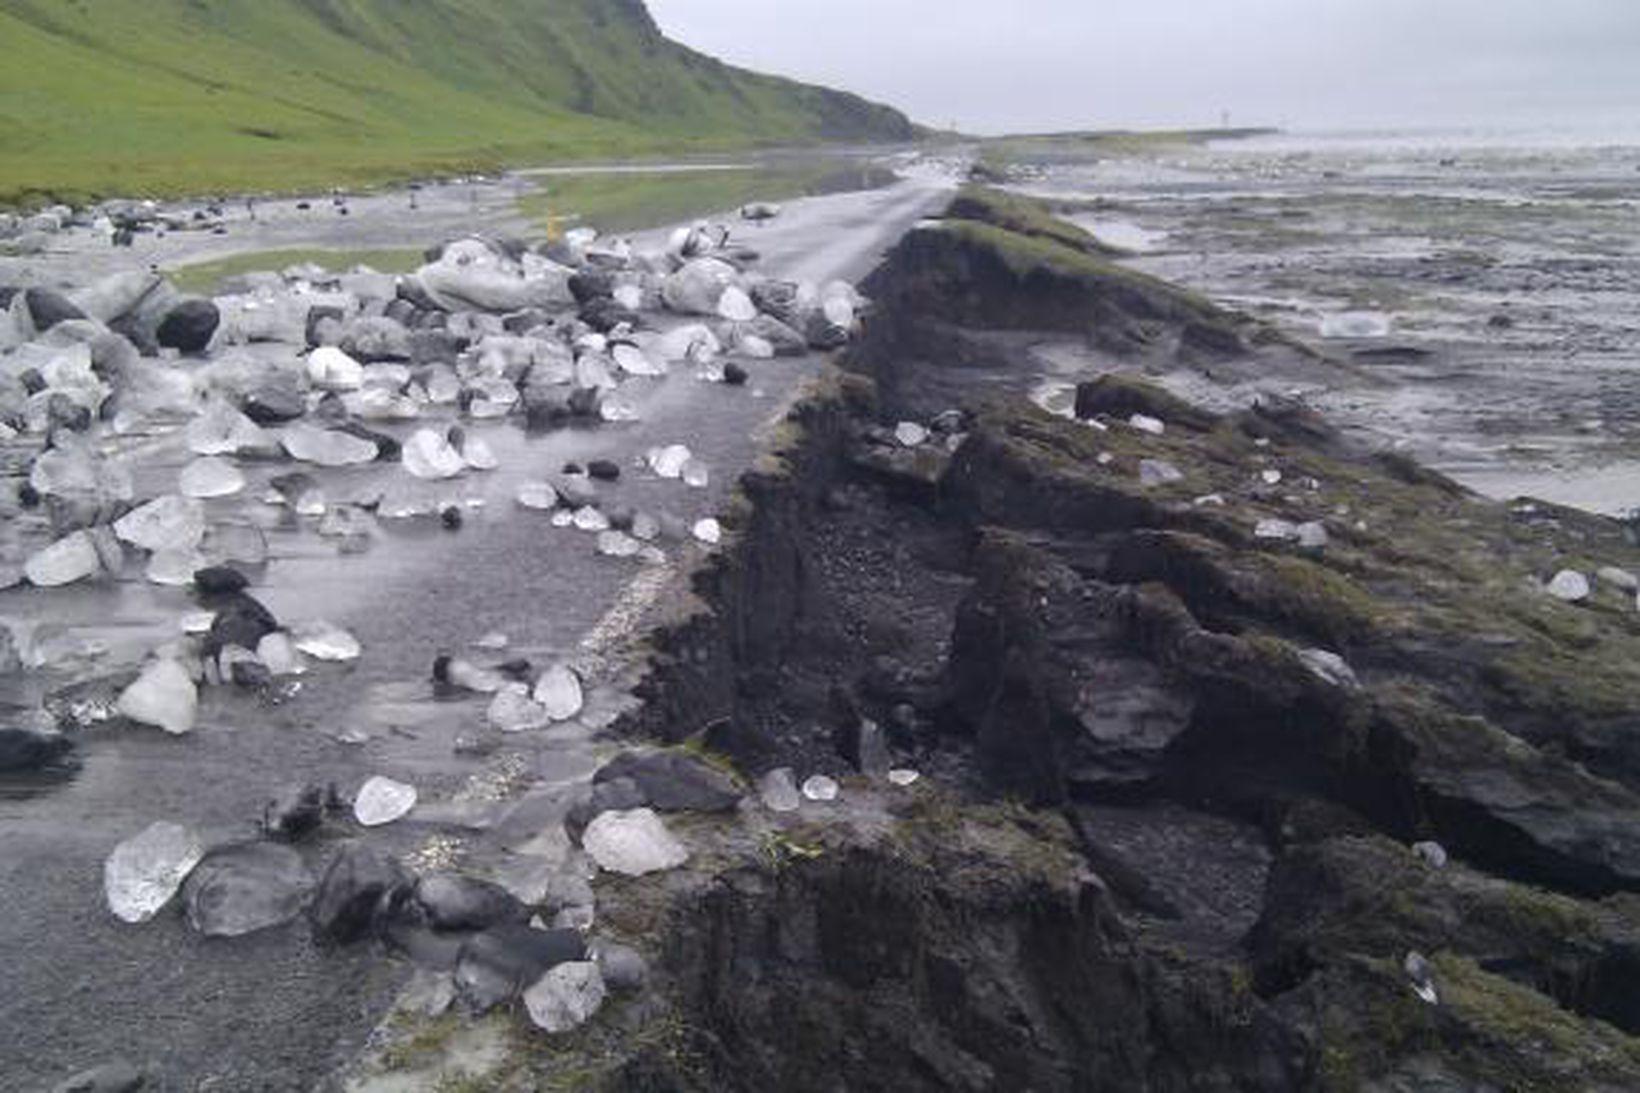 Mikið íshröngl er á veginum eftir að öldutoppur kom niður …